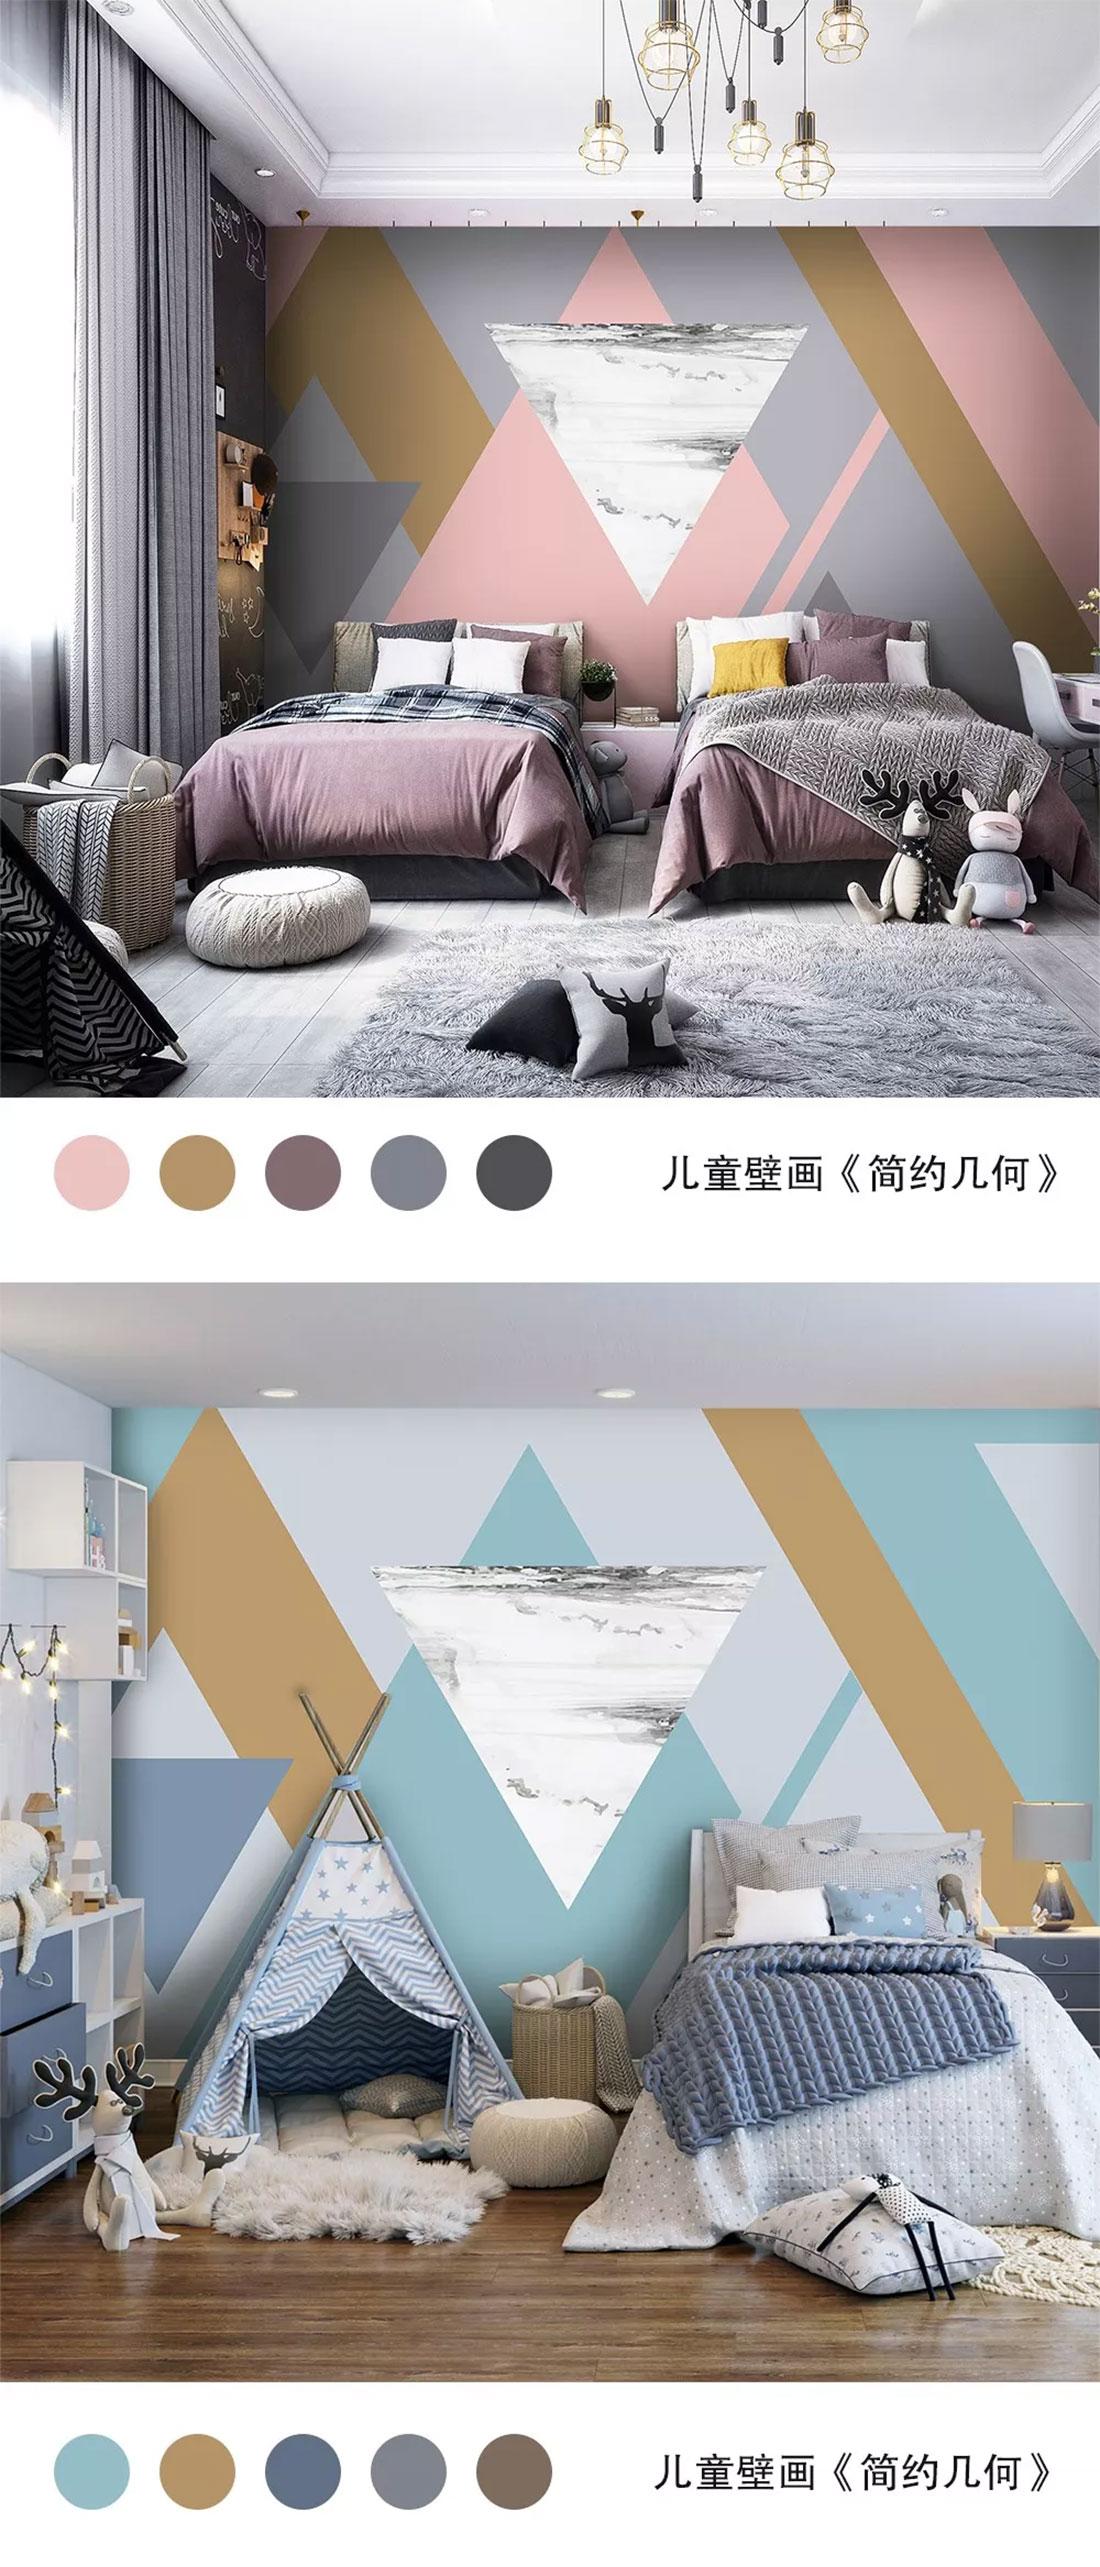 蓝色、粉色马卡龙几何图形儿童房墙布